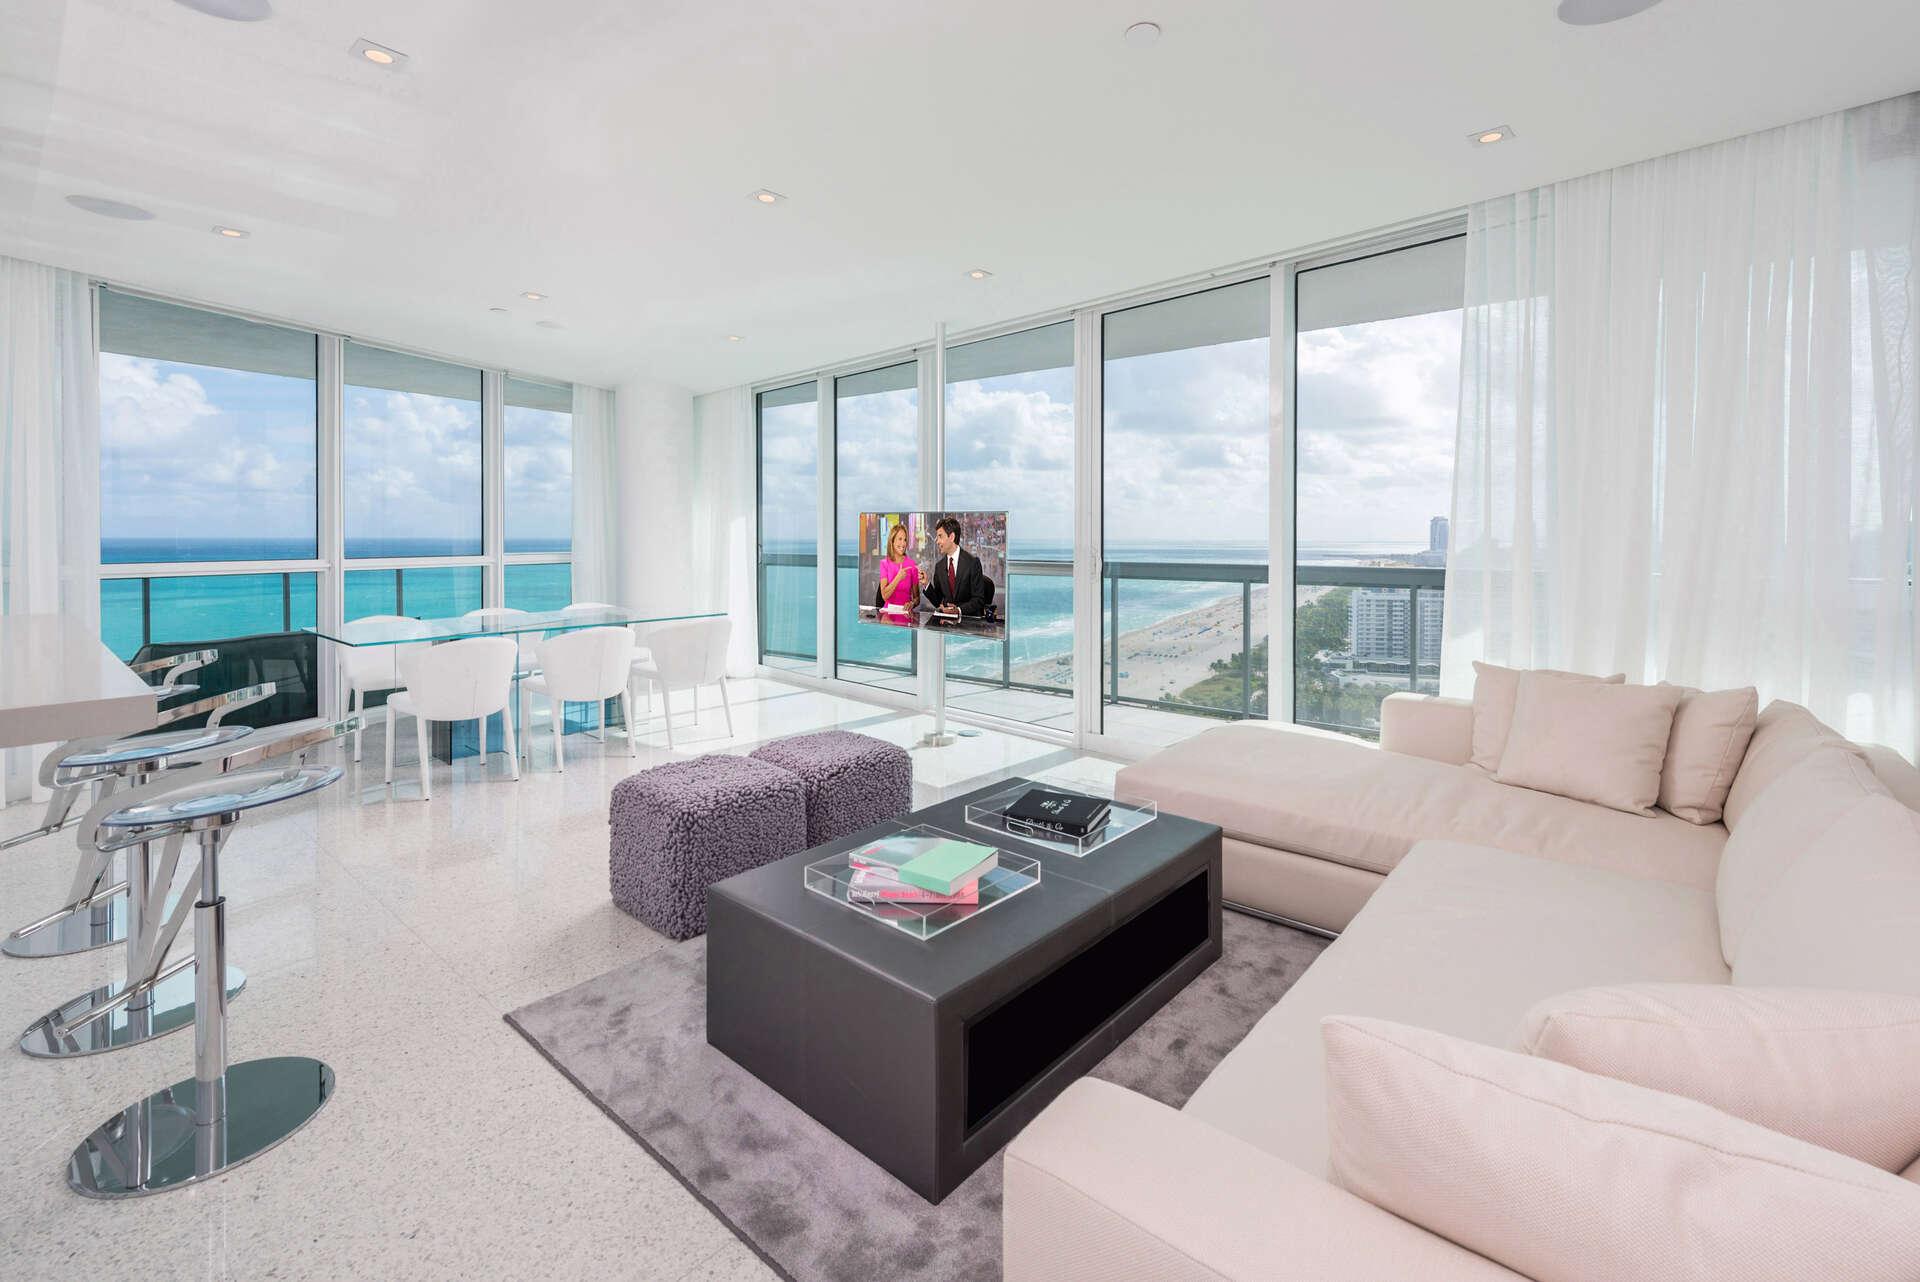 Luxury vacation rentals usa - Florida - Miami beach - The setai miami beach - #3208 | 2 BDM Oceanfront - Image 1/17